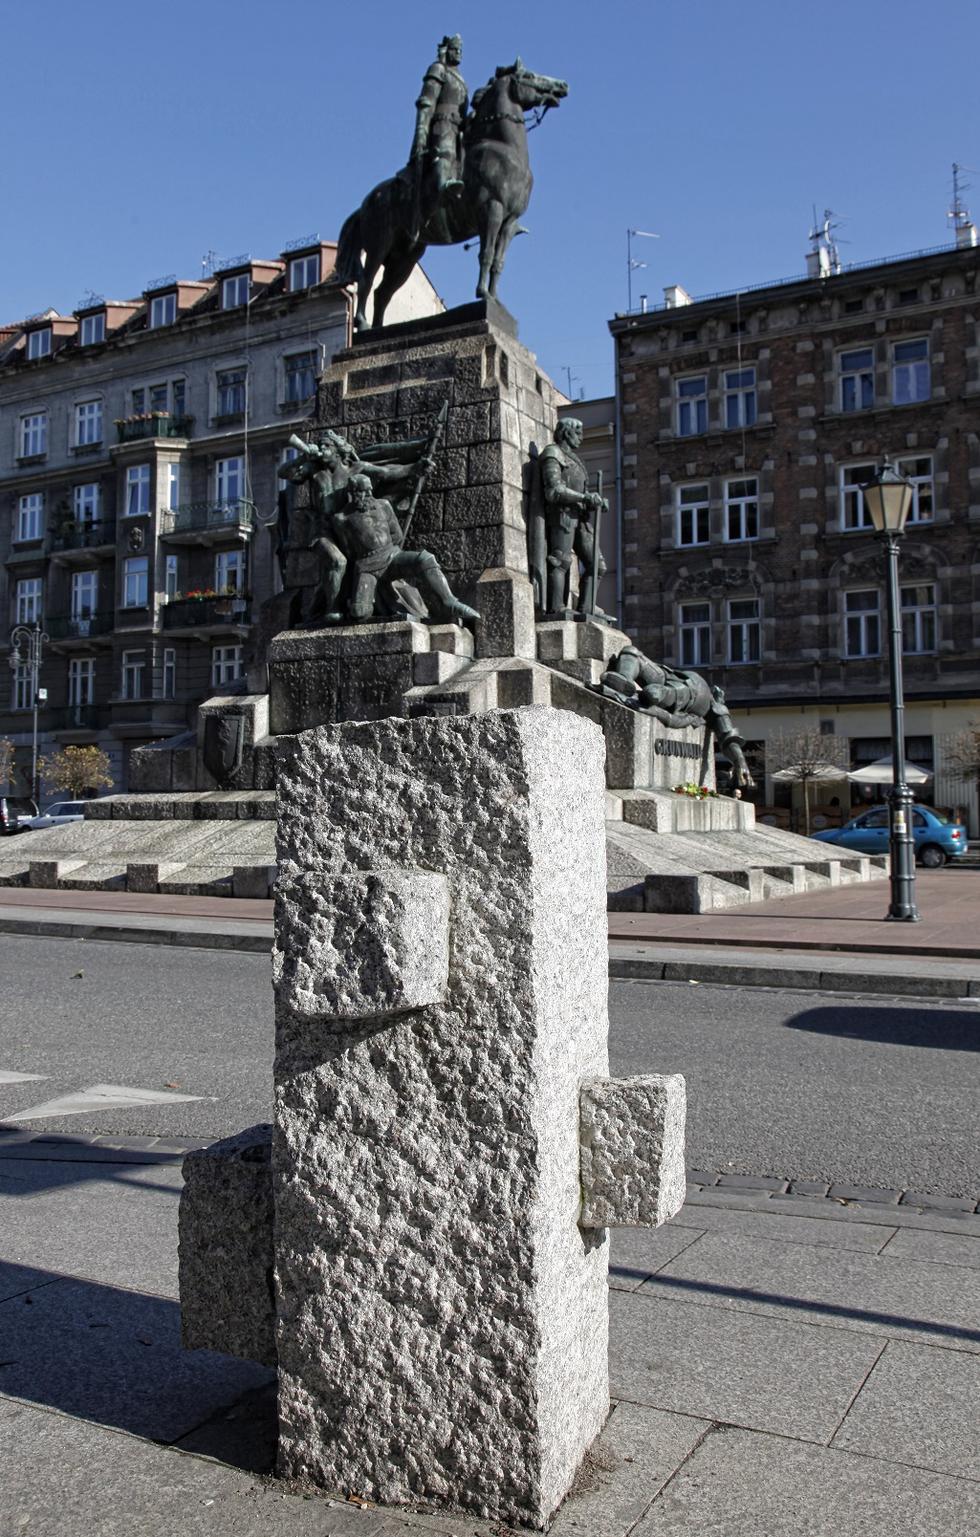 Plac Matejki w Krakowie: reprezentacyjna przestrzeń przyjazna mieszkańcom. Rozmowa z Piotrem Orzeszkiem